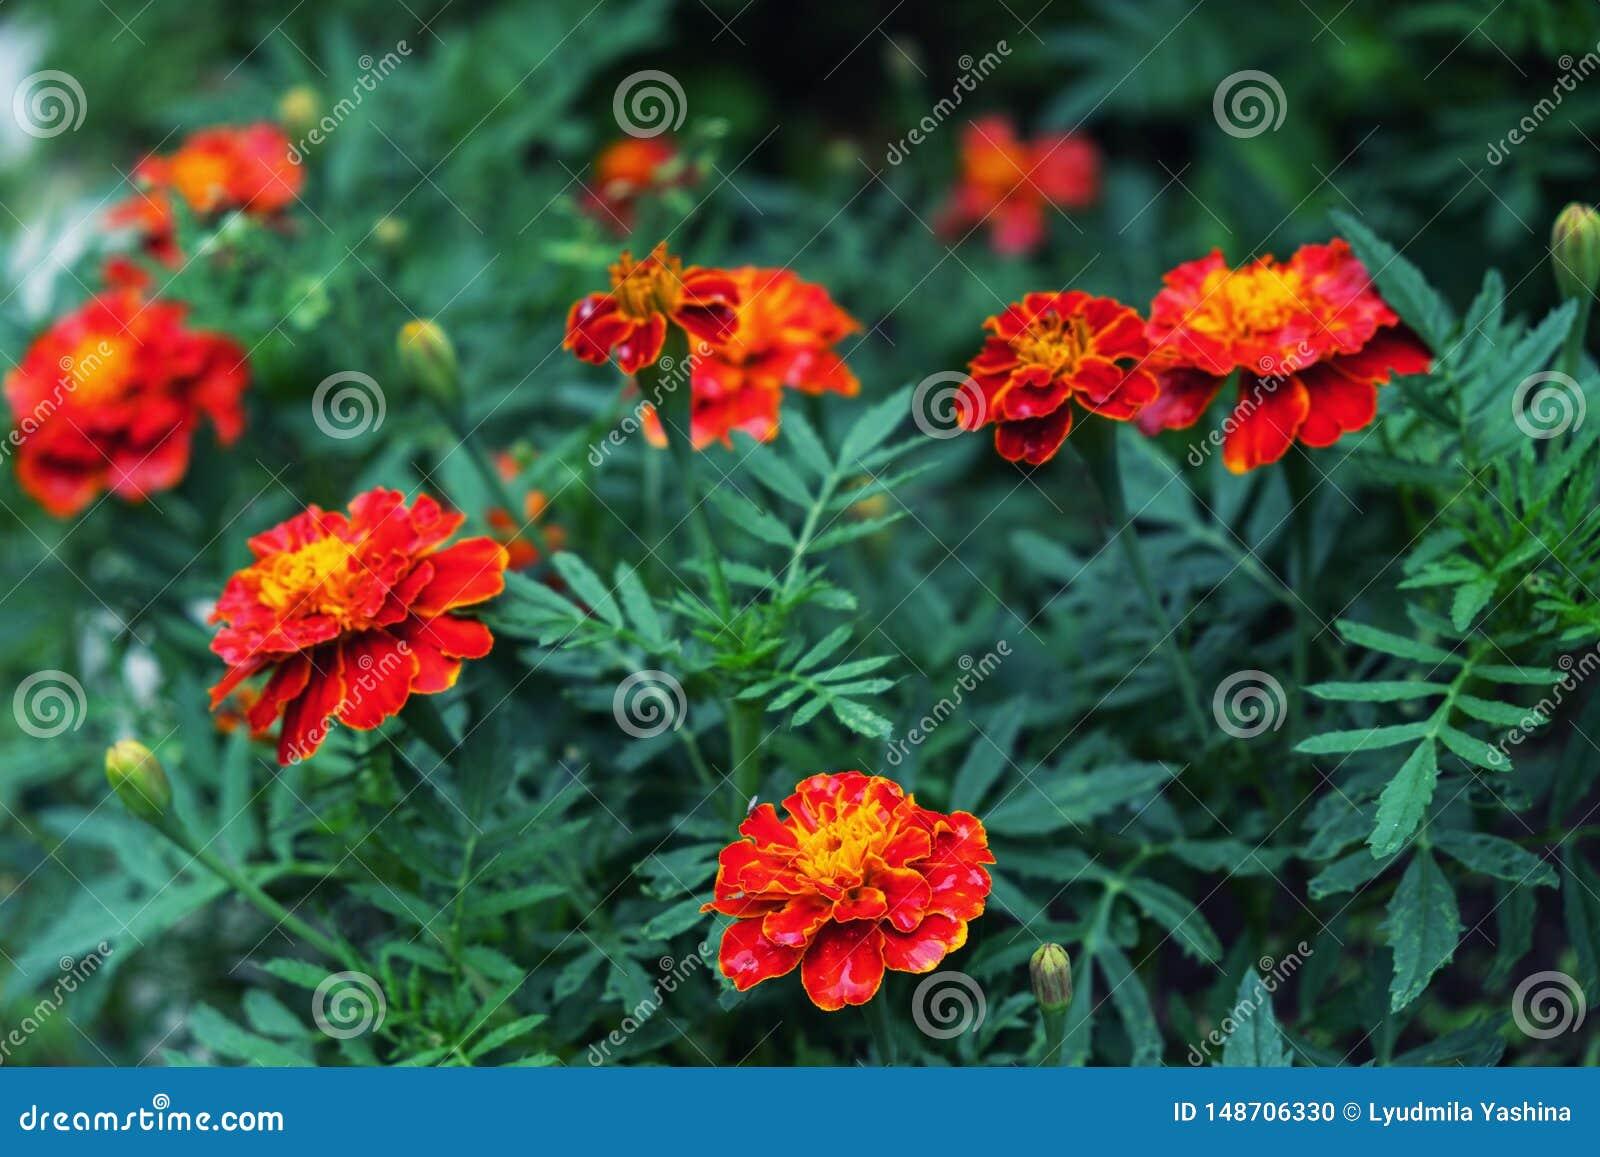 Rote Ringelblume im Garten